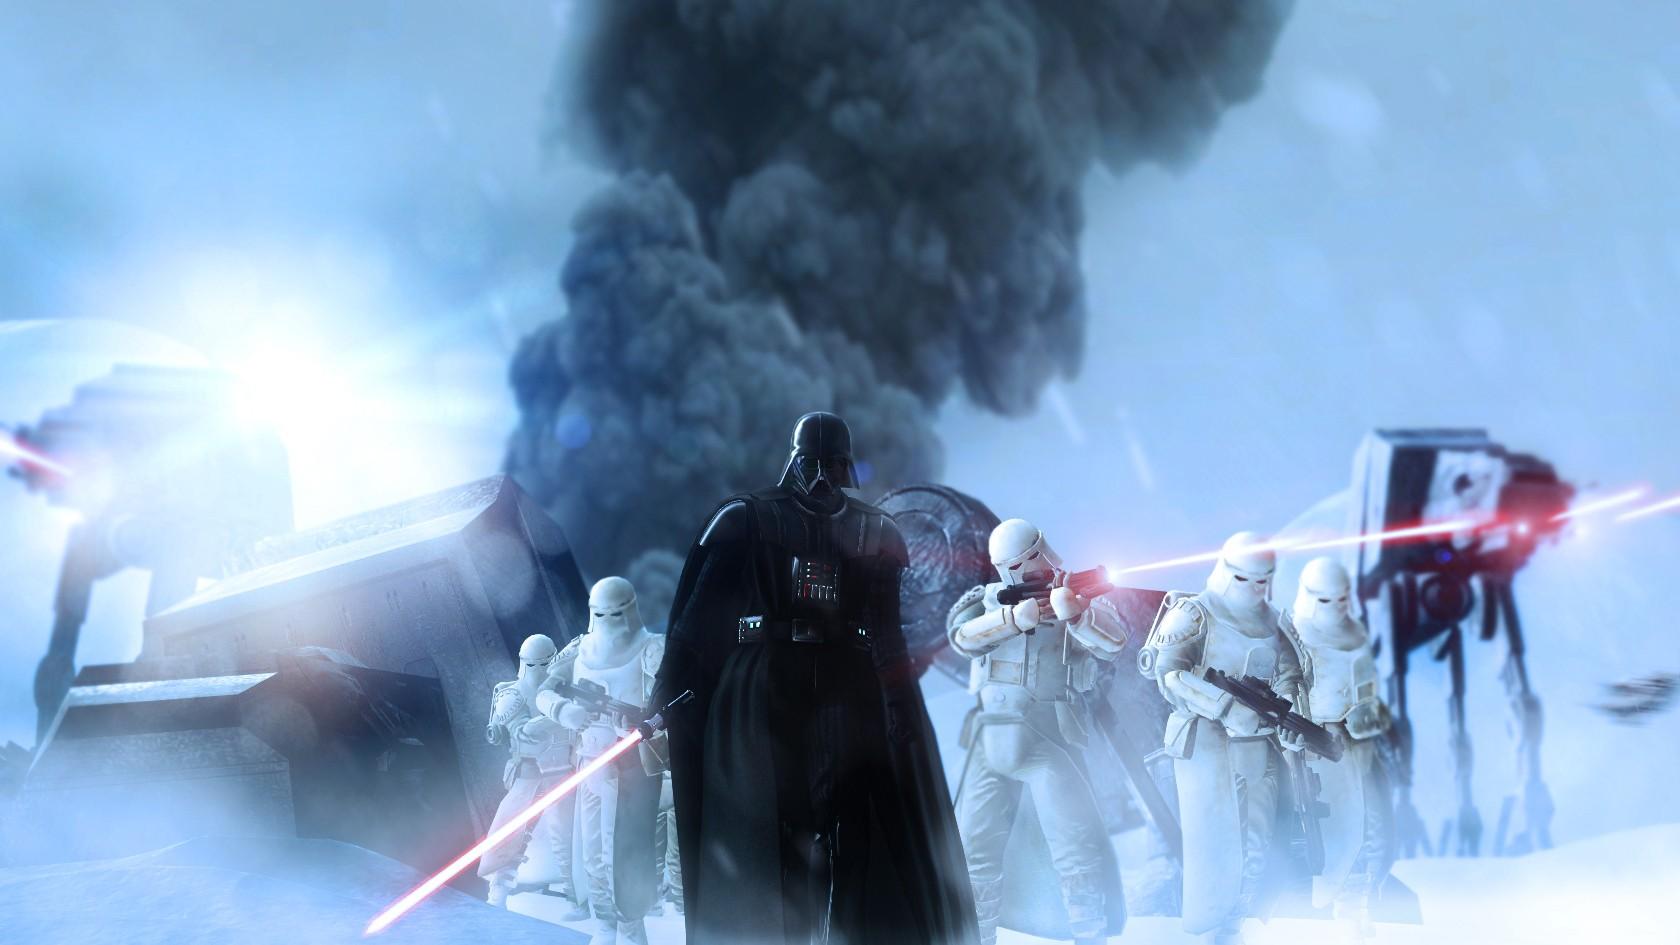 Darth Vader Lego Wallpaper